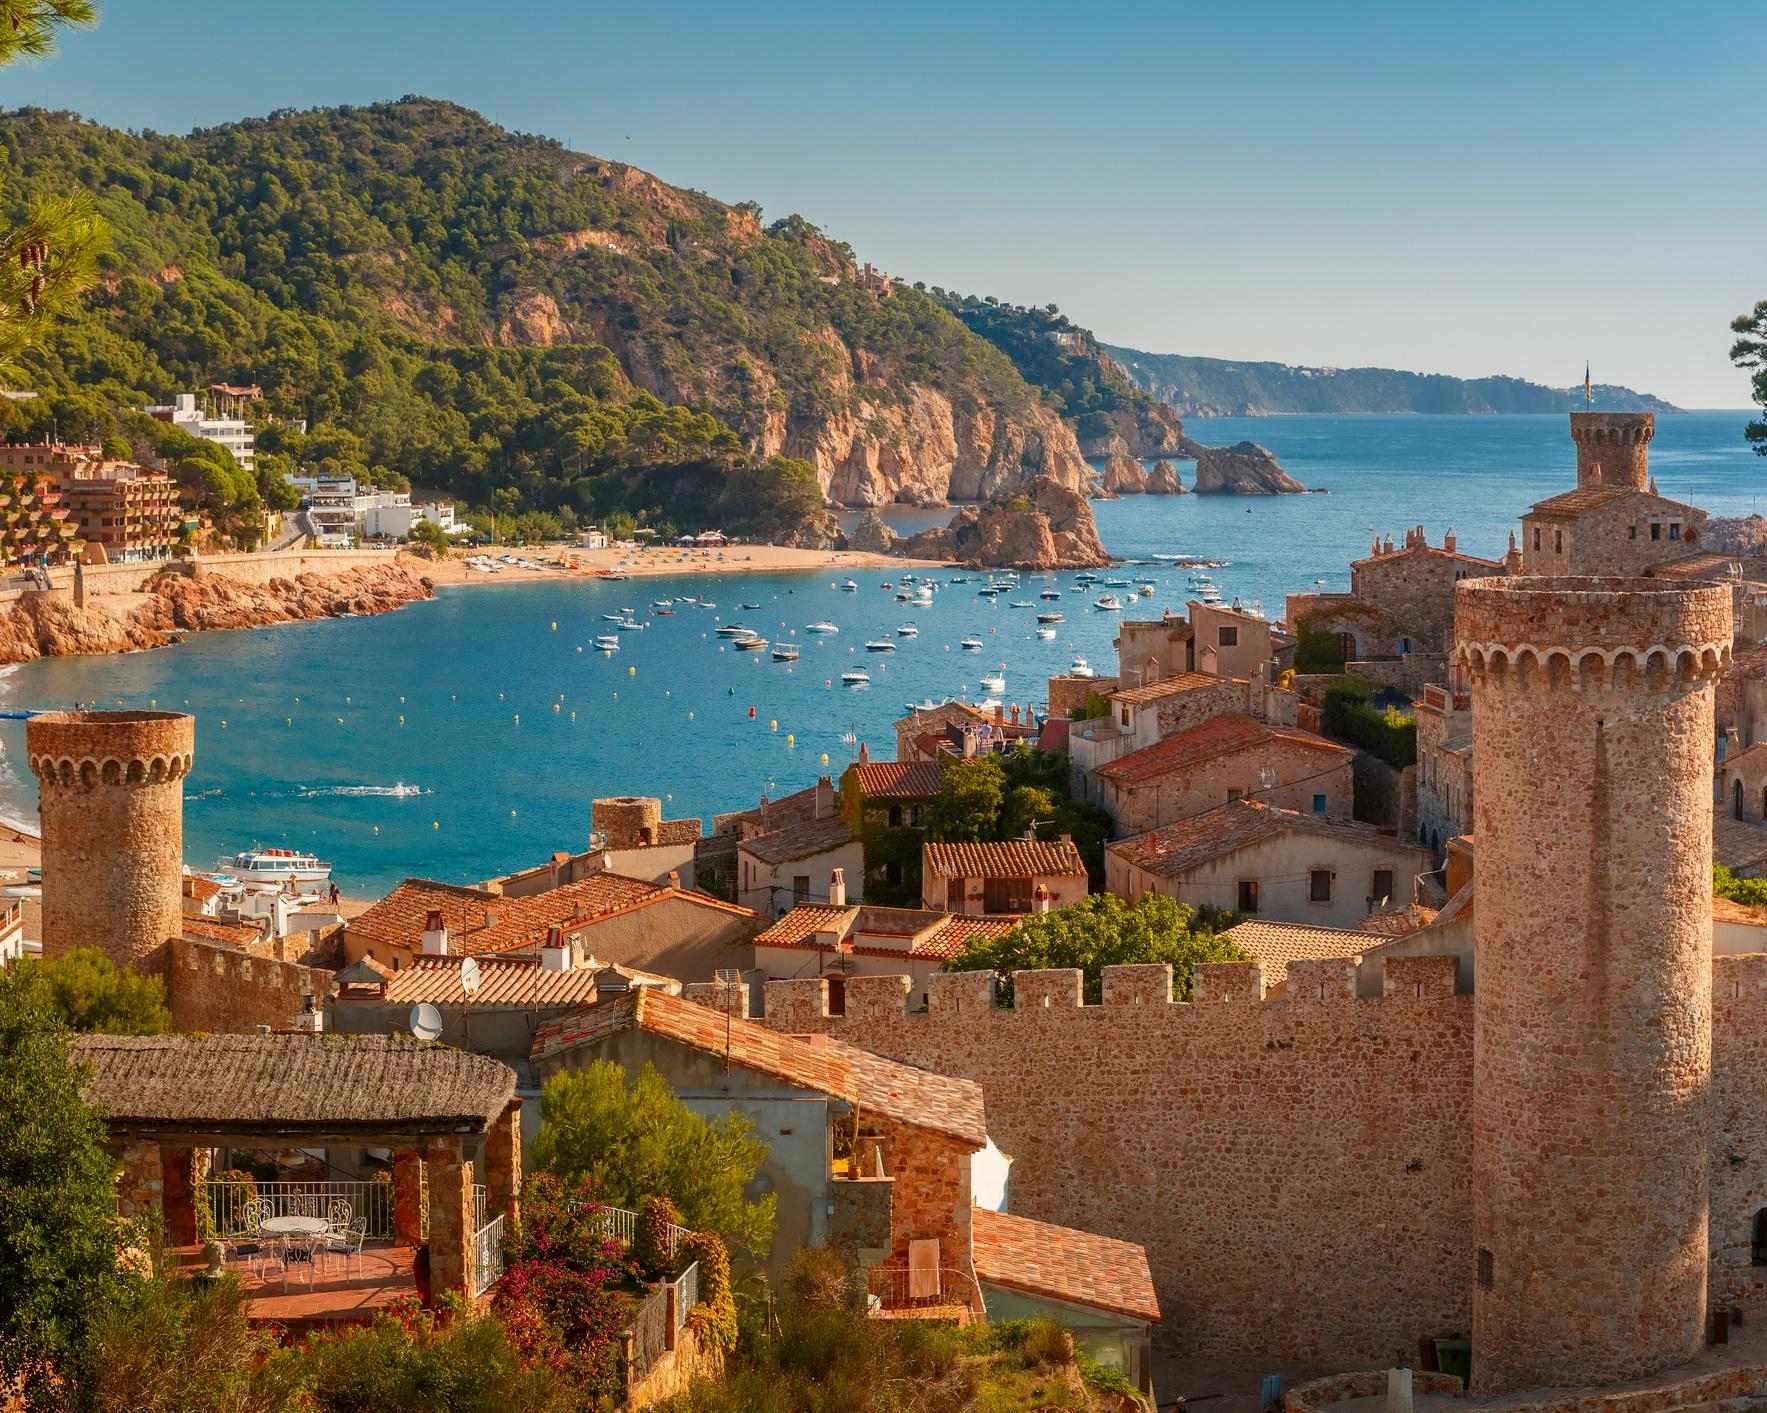 """DESTINATION SPANIEN - Die spanische Mittelmeerküste erstreckt sich über 800km und bietet mit einer Fülle an Kulturschätzen und unterschiedlichen Landschaften alles, was das Yachting-Herz begehrt. Pulsierende Städte wie Barcelona, kilometerlange Sandstrände und teilweise bis zum Meer reichenden Gebirgsketten bieten ein eindrucksvolles Szenario. Entlang der Küstenlinie sollten Sie vor allem diese Yachting-Hotspots nicht verpassen: Die Costa Brava, die """"wilde Küste"""" beginnt am berüchtigten Cap Creus direkt an der spanisch-französischen Grenze und entlang der Steilküste bis kurz vor Barcelona unzählige, versteckte Buchten und malerische Fischerdörfer. Die Costa Blanca, die """"weiße Perle Spaniens"""" ist geprägt von einer reizvollen Mischung als unterschiedlichen Kulturstädten wie Denia oder Alicante, großen Marinas mit t.w. über 1000 Liegeplätzen und weißen Sandstränden.Entdecken Sie jetzt auf unserem Blog eine Vielfalt an Yachtrevieren>>"""